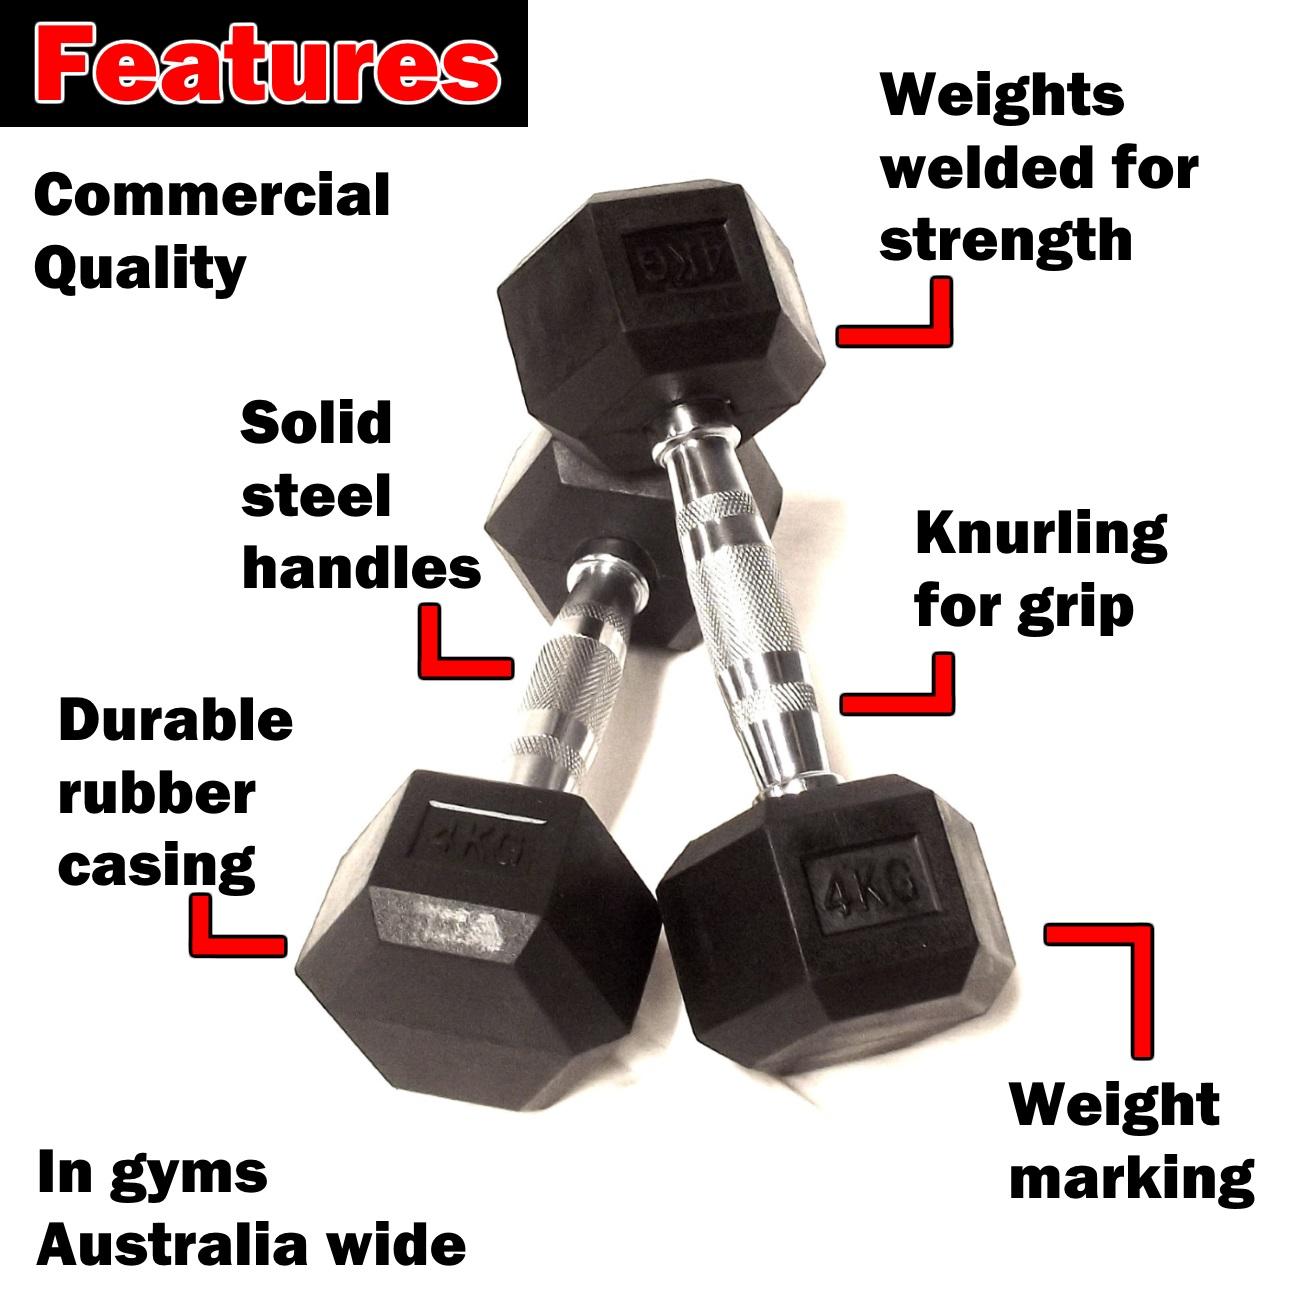 4kg rubber hex dumbbells